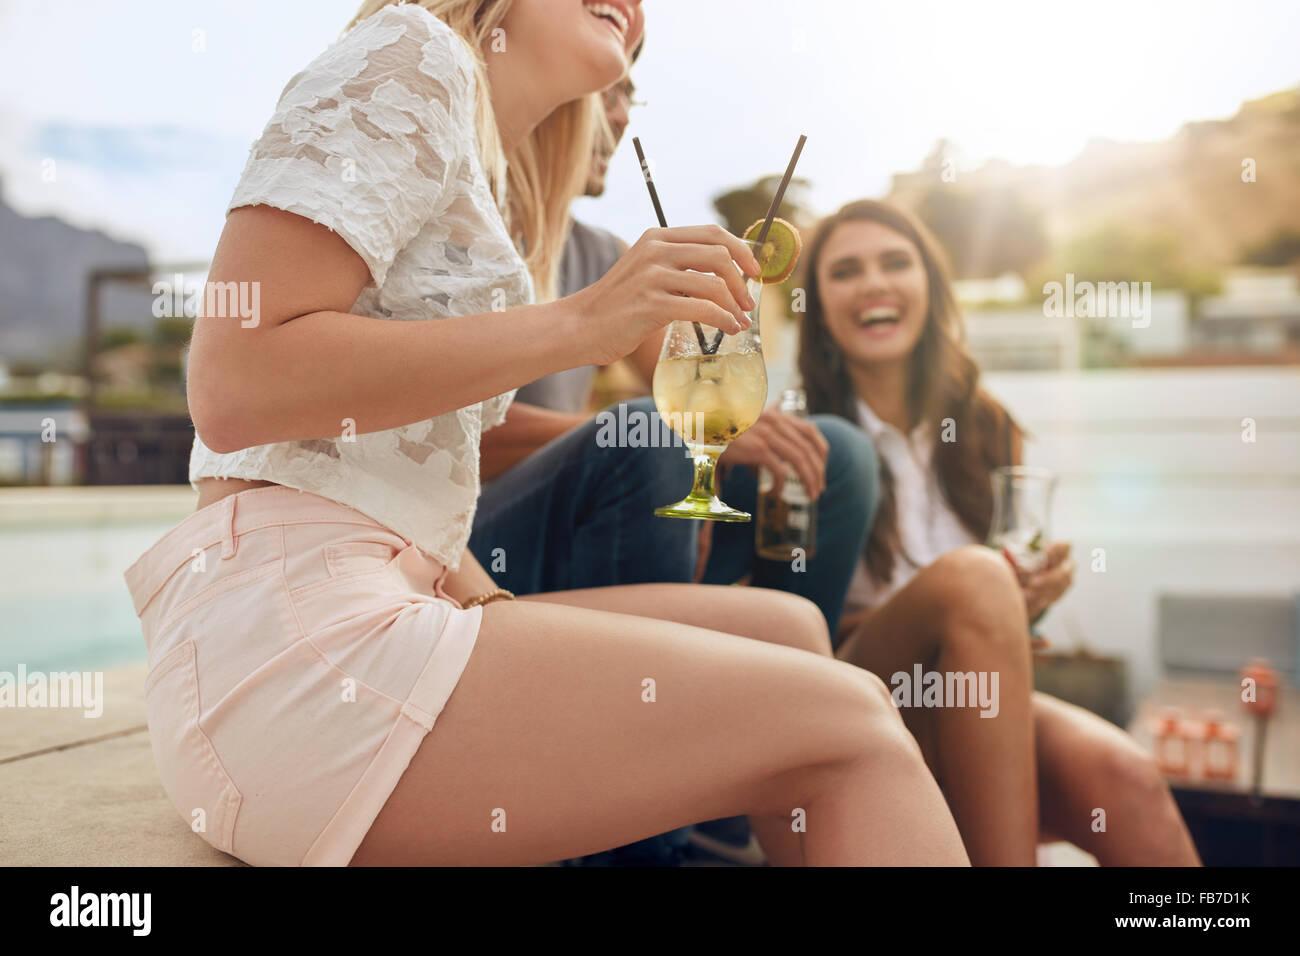 Captura recortada de jóvenes sentados junto a juntarse con bebidas. Fiesta en la azotea, con foco en vaso de Imagen De Stock